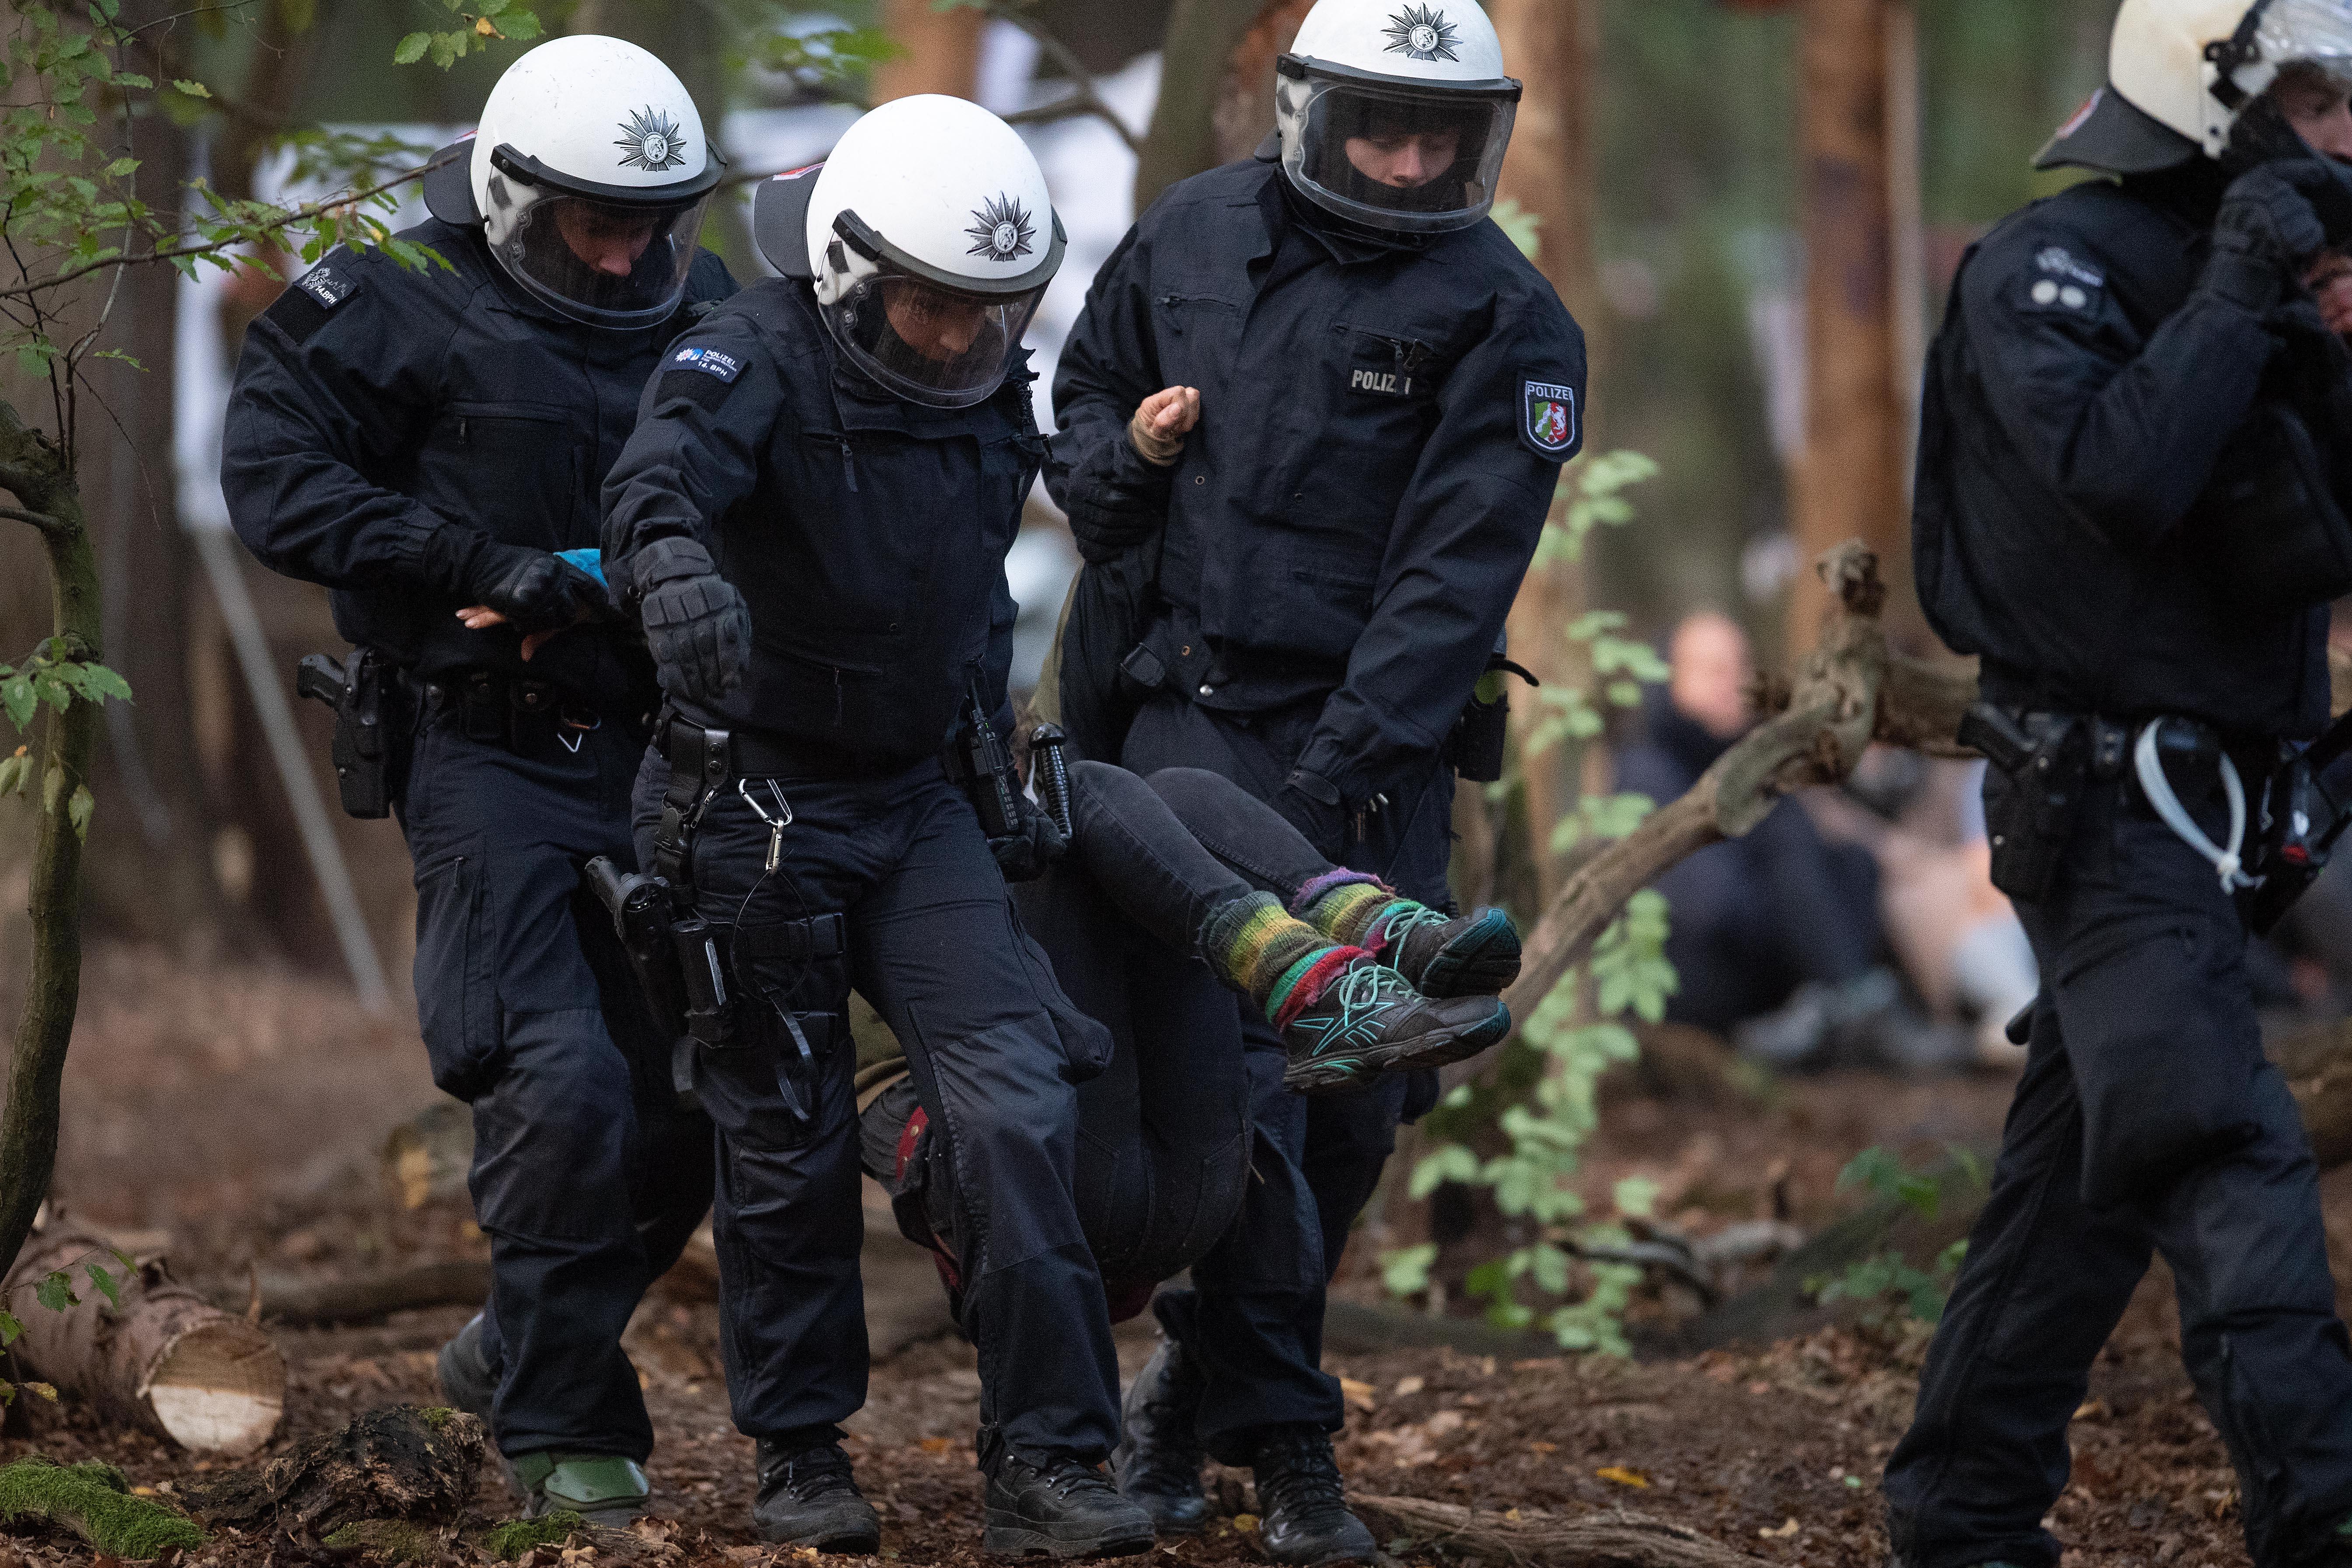 Rohamrendőrök szorítják ki a 12 ezer éves erdőt védő aktivistákat Németországban